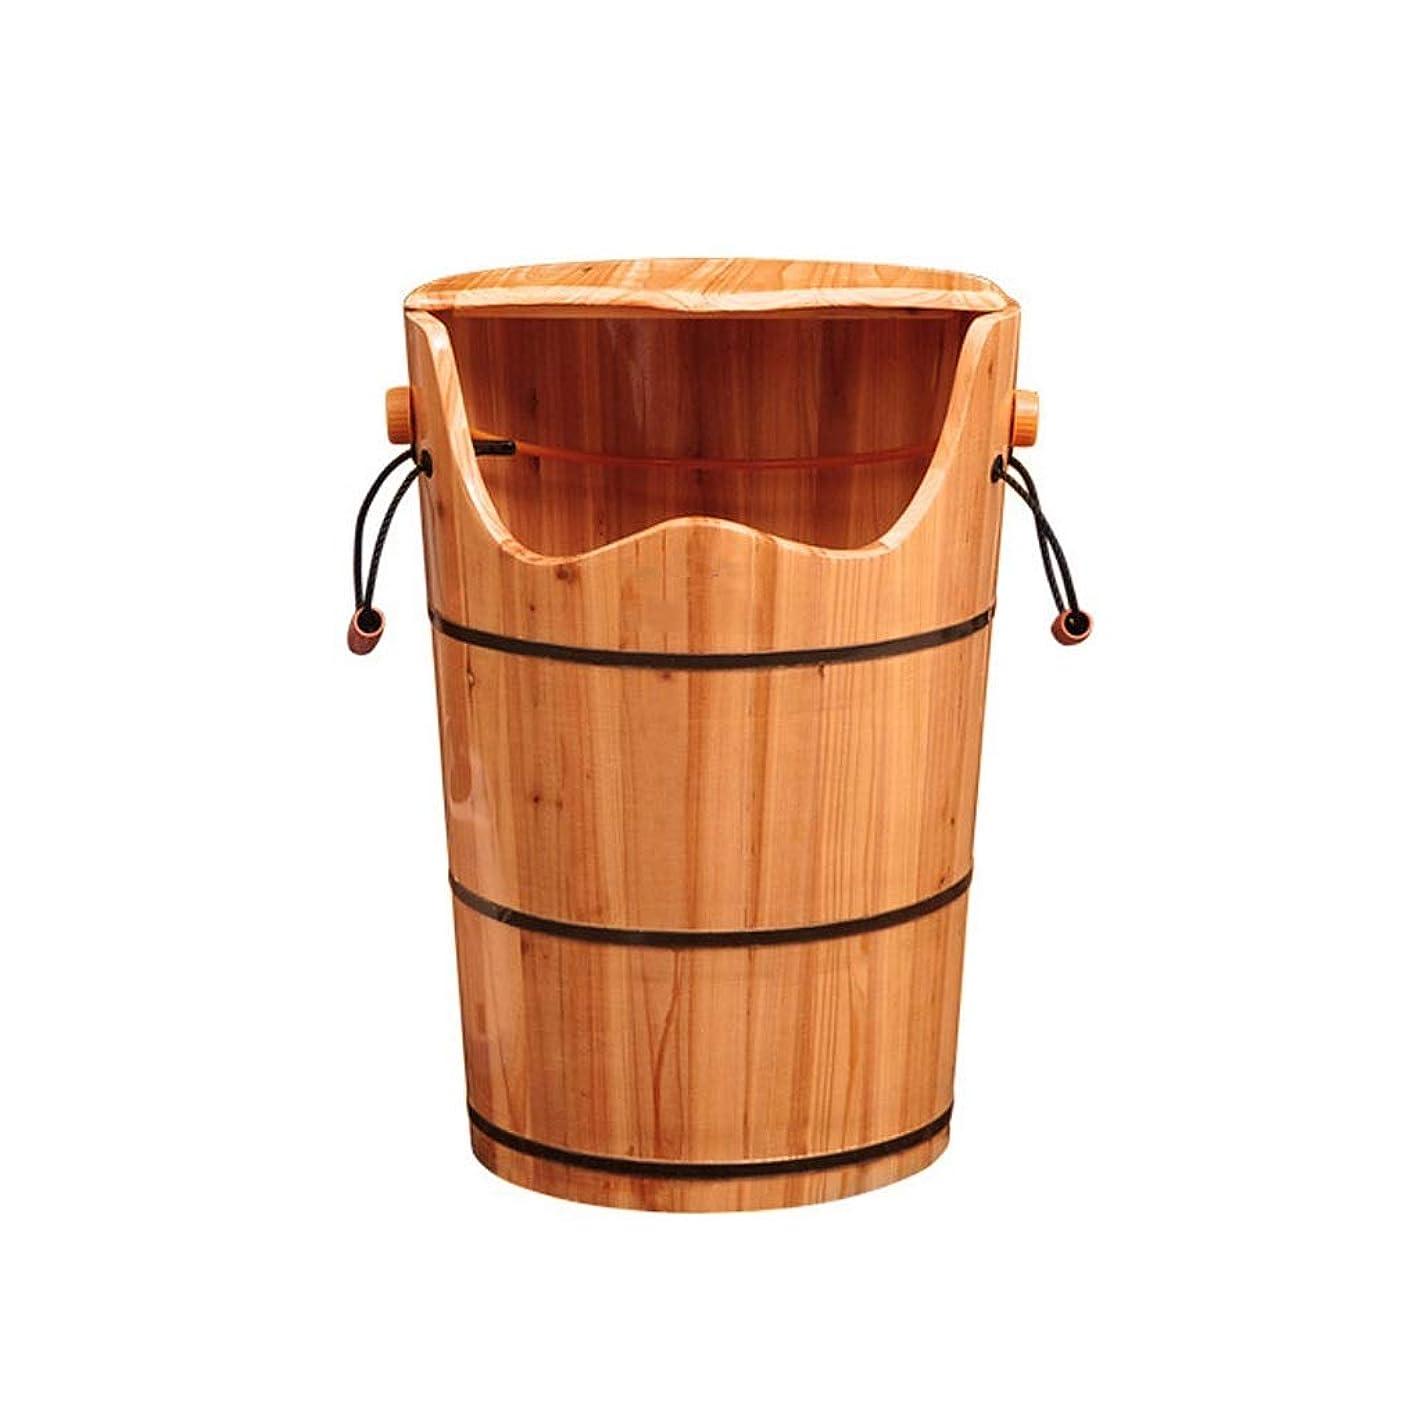 そのようなぜいたくエキサイティングWei Jun フットバスバレル、フットバスバレルフィートバレルニーハイディープバレル以上蒸し燻蒸バレルフットバスバレル木製足湯暖房ホームスウェット /-/ (Size : 60cm)